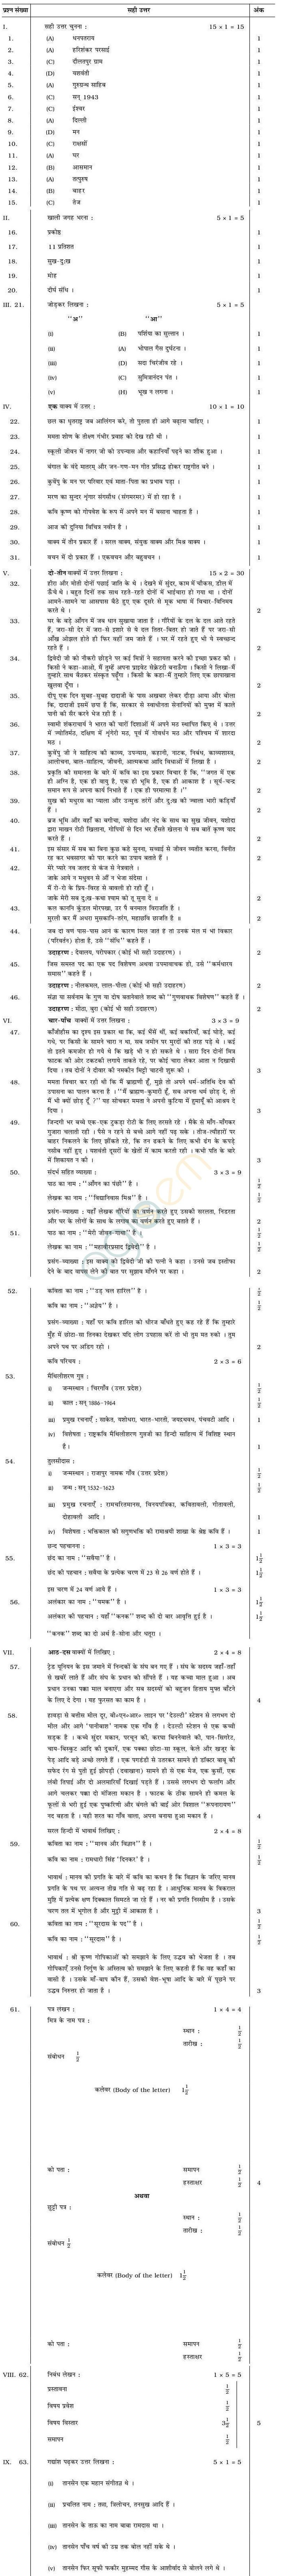 Karnataka SSLC Solved Question Paper April 2014 - Hindi